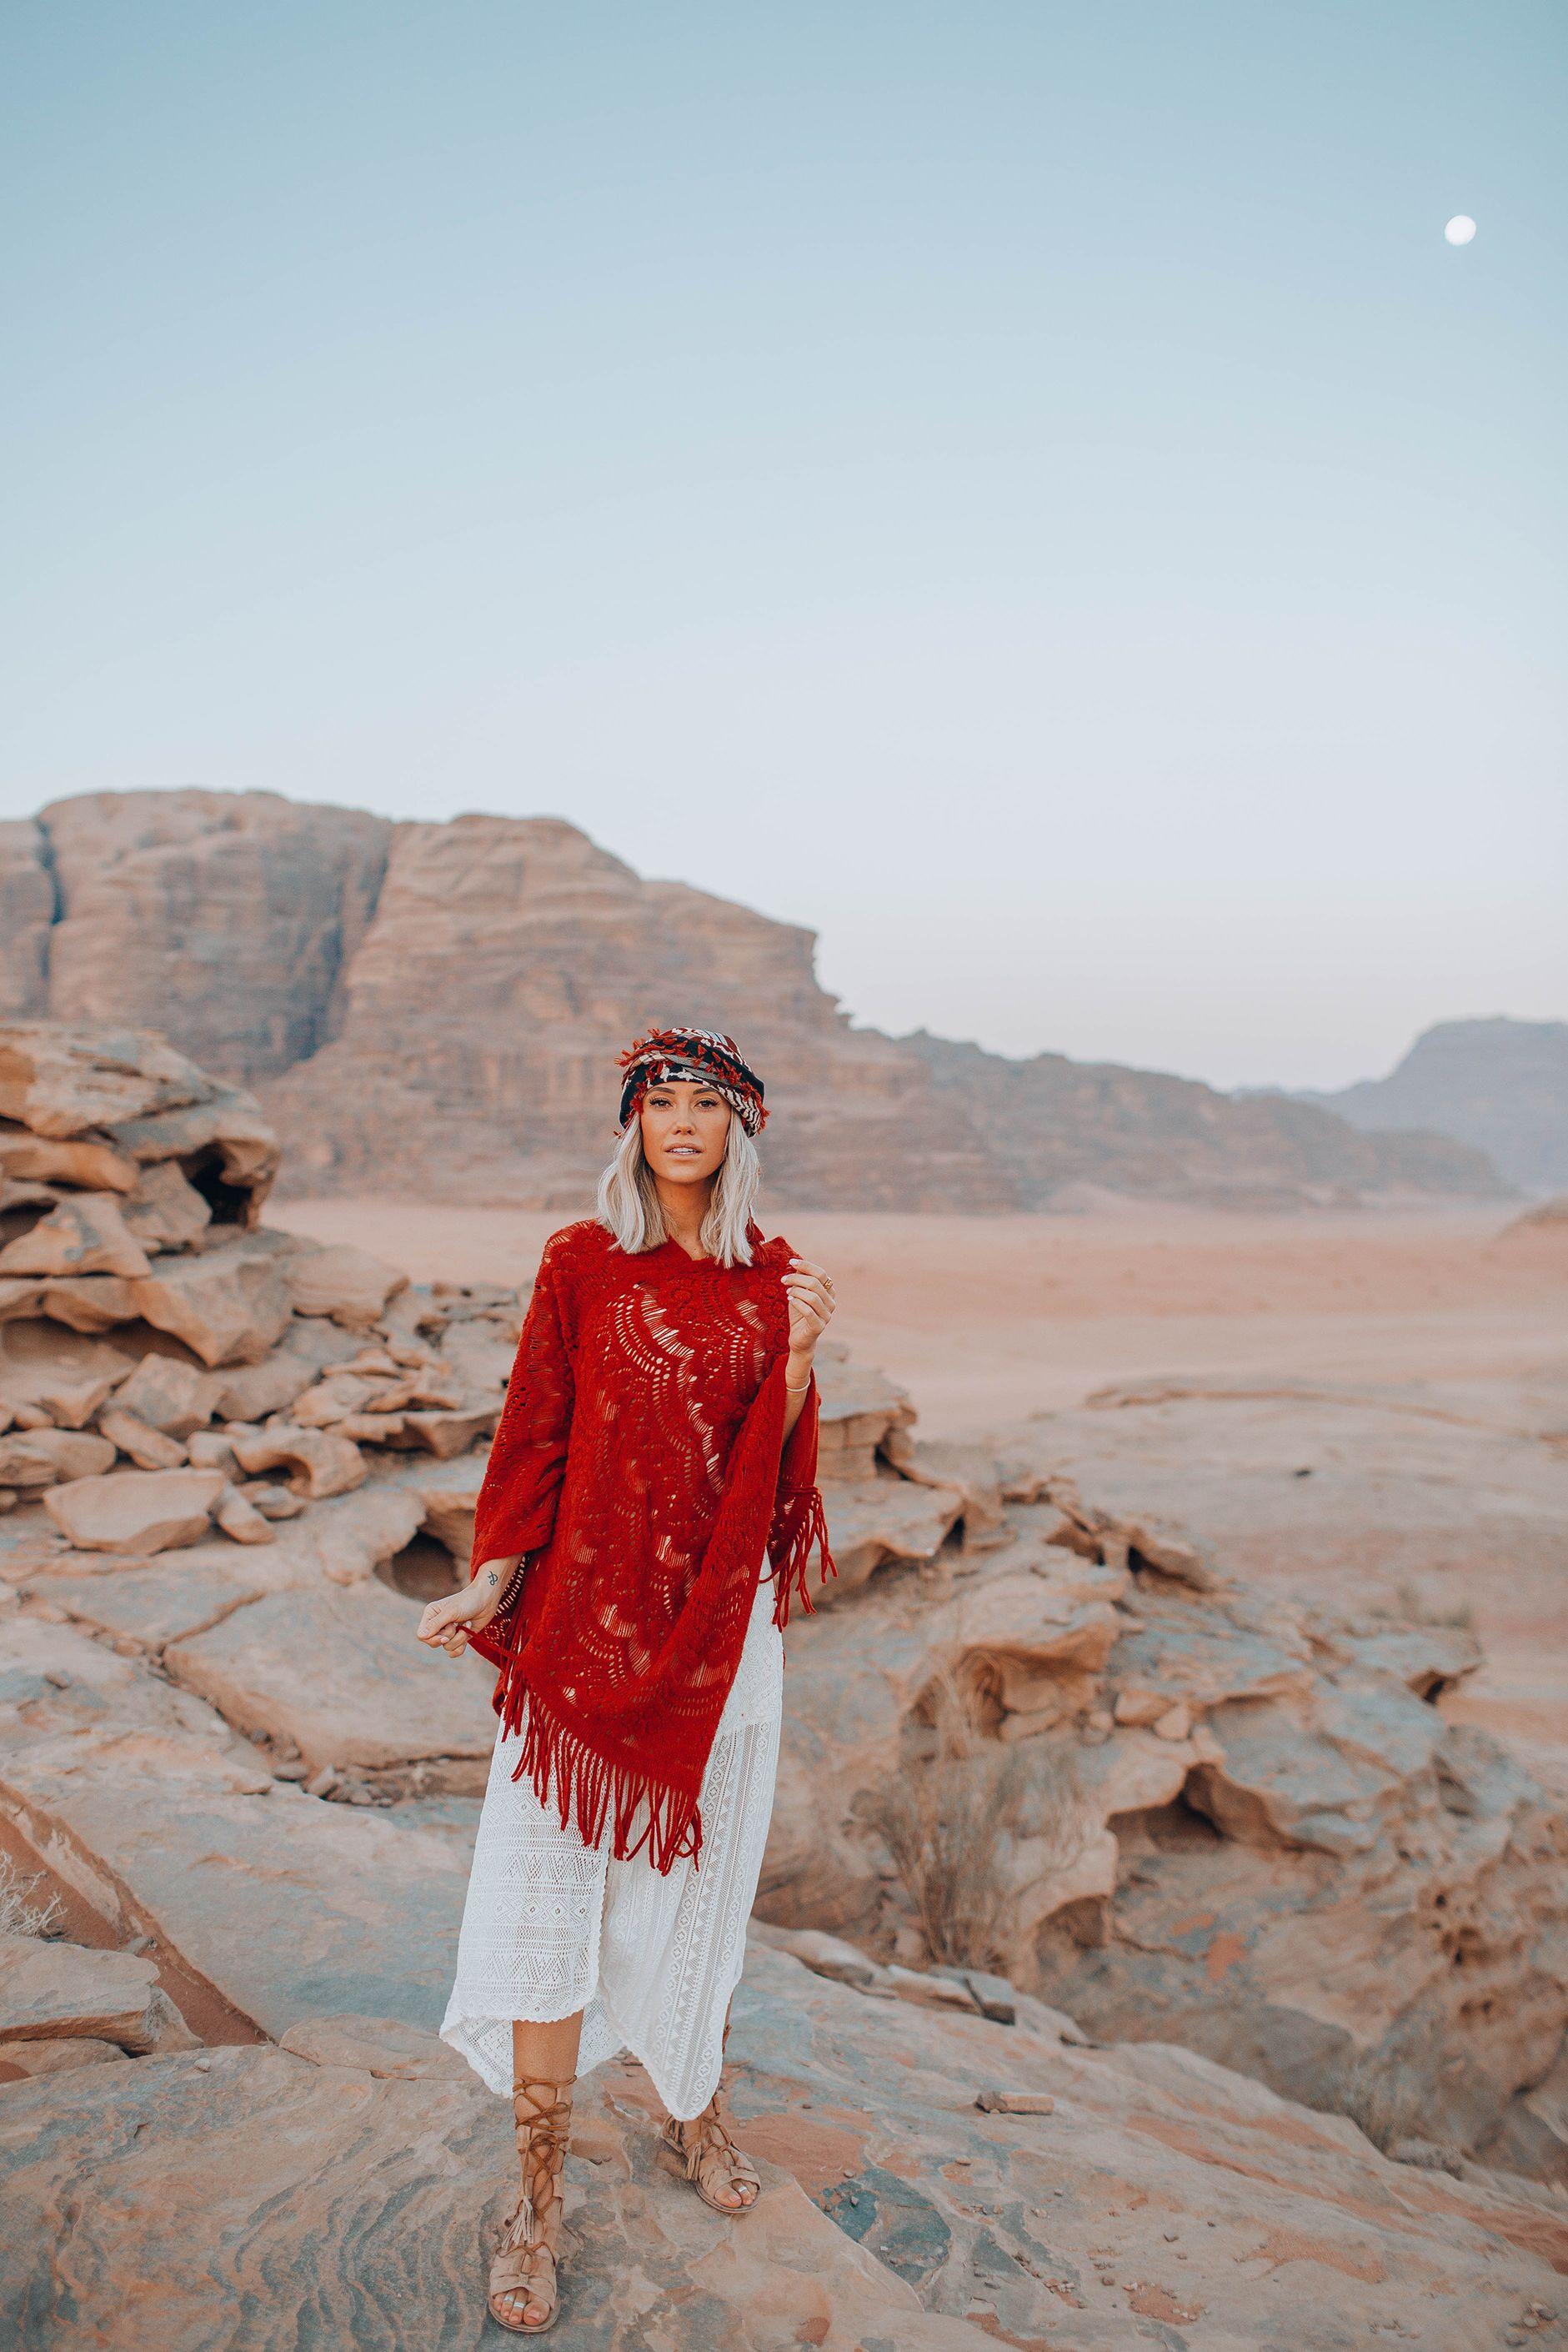 Jordan...Petra and all my favorite places #petrajordan